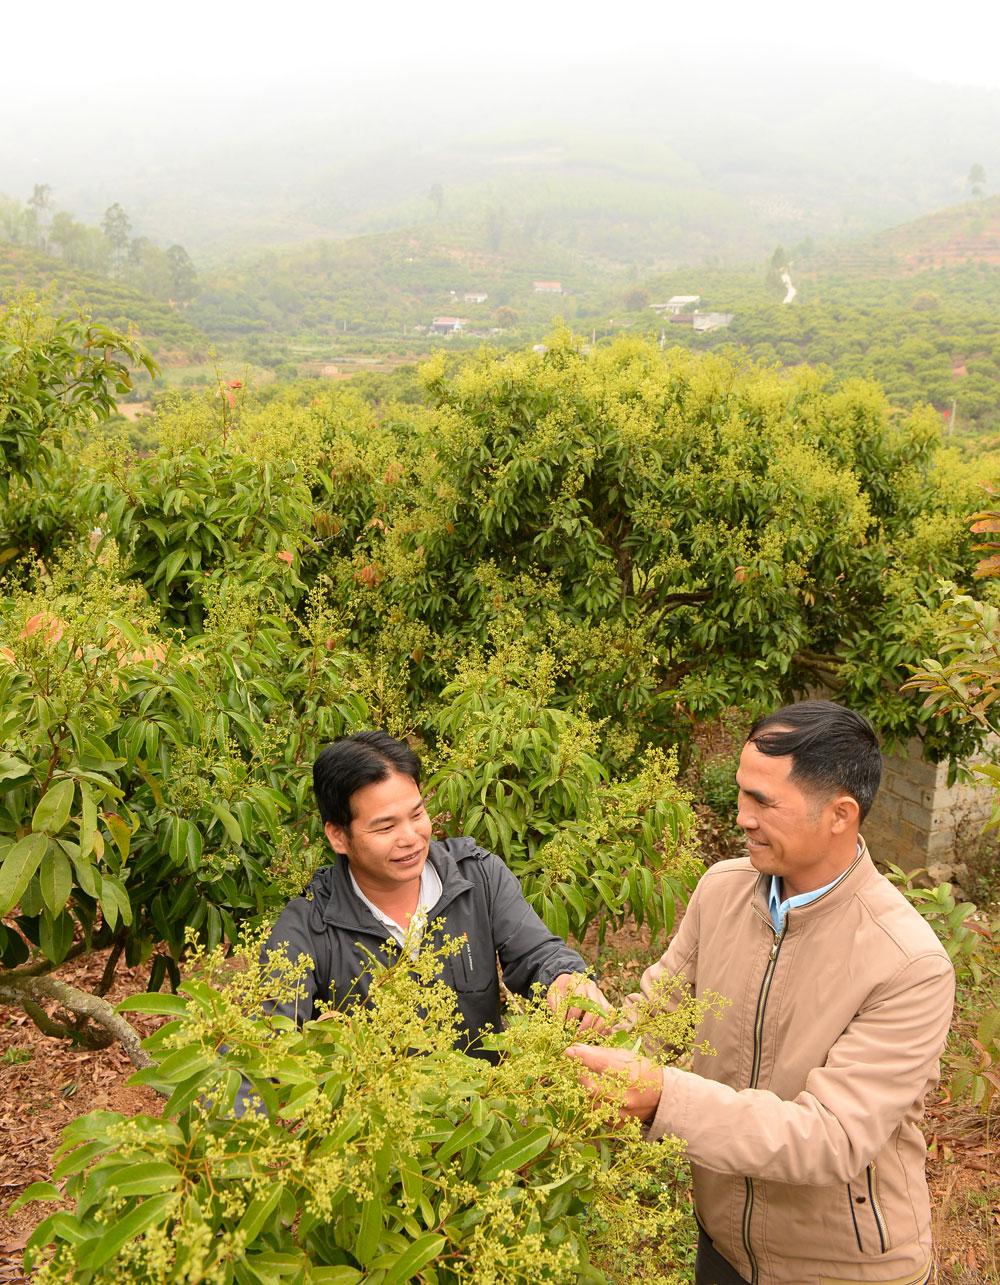 Người dân thôn Họa, xã Cấm Sơn (Lục Ngạn) kiểm tra tỷ lệ đậu quả ở vải thiều chính vụ.